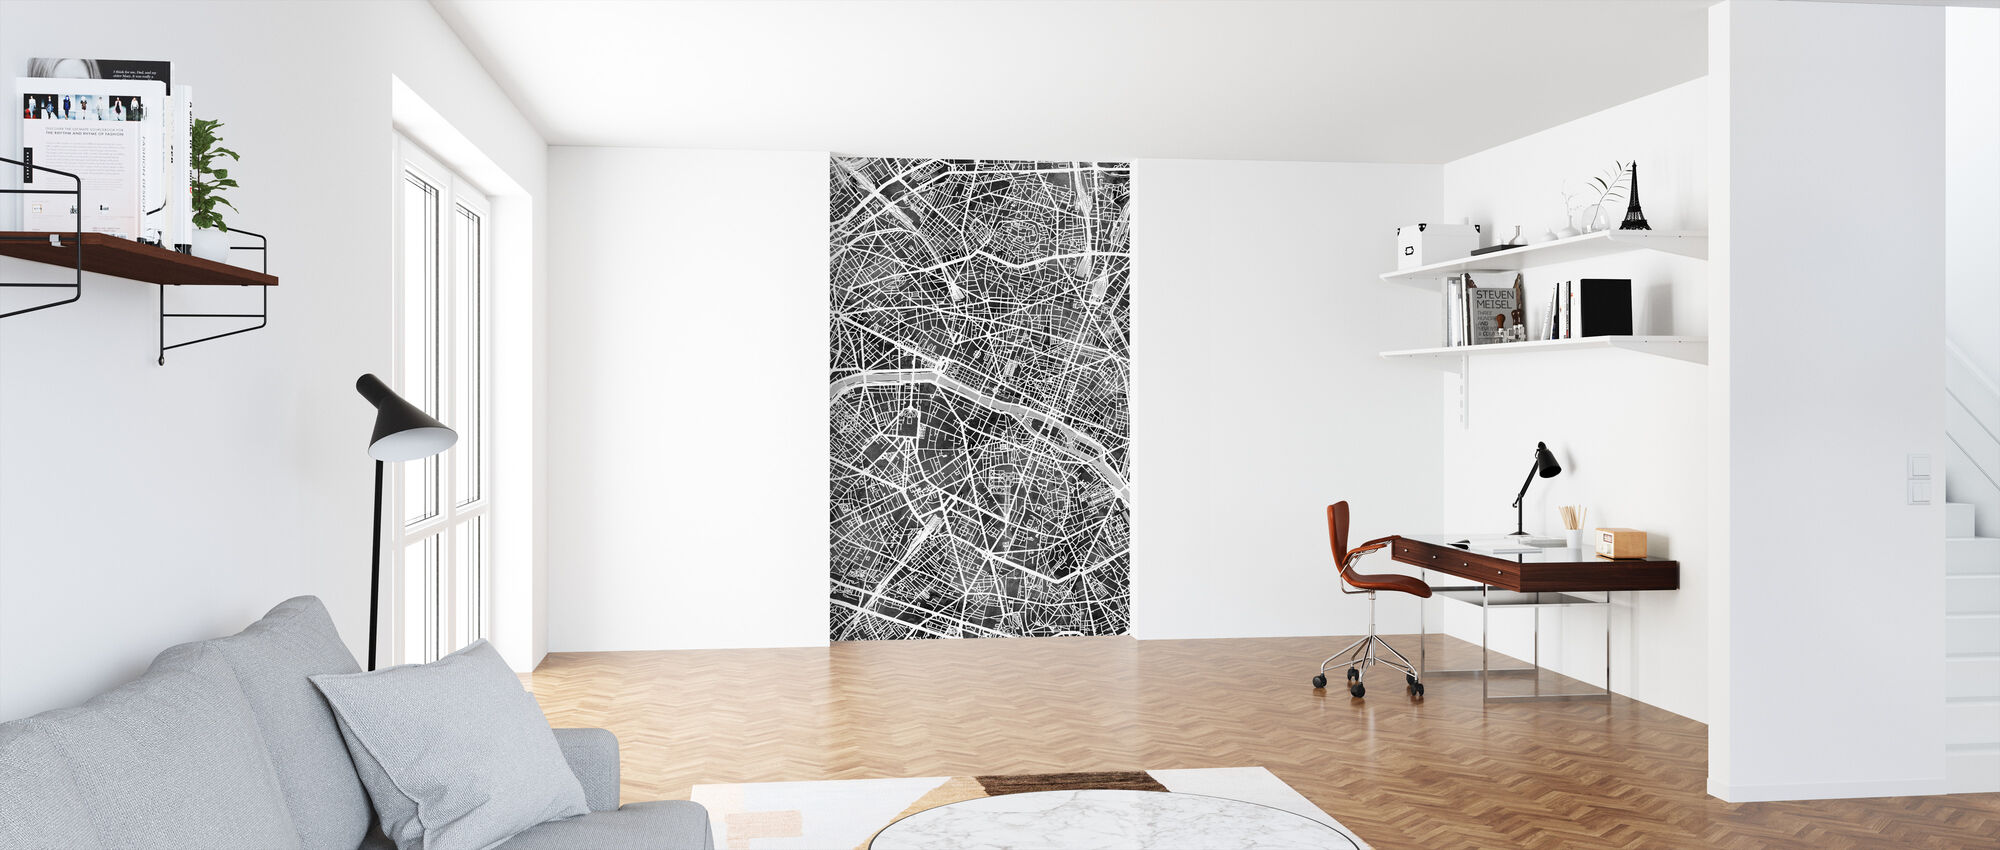 Paris France City Map - Wallpaper - Office